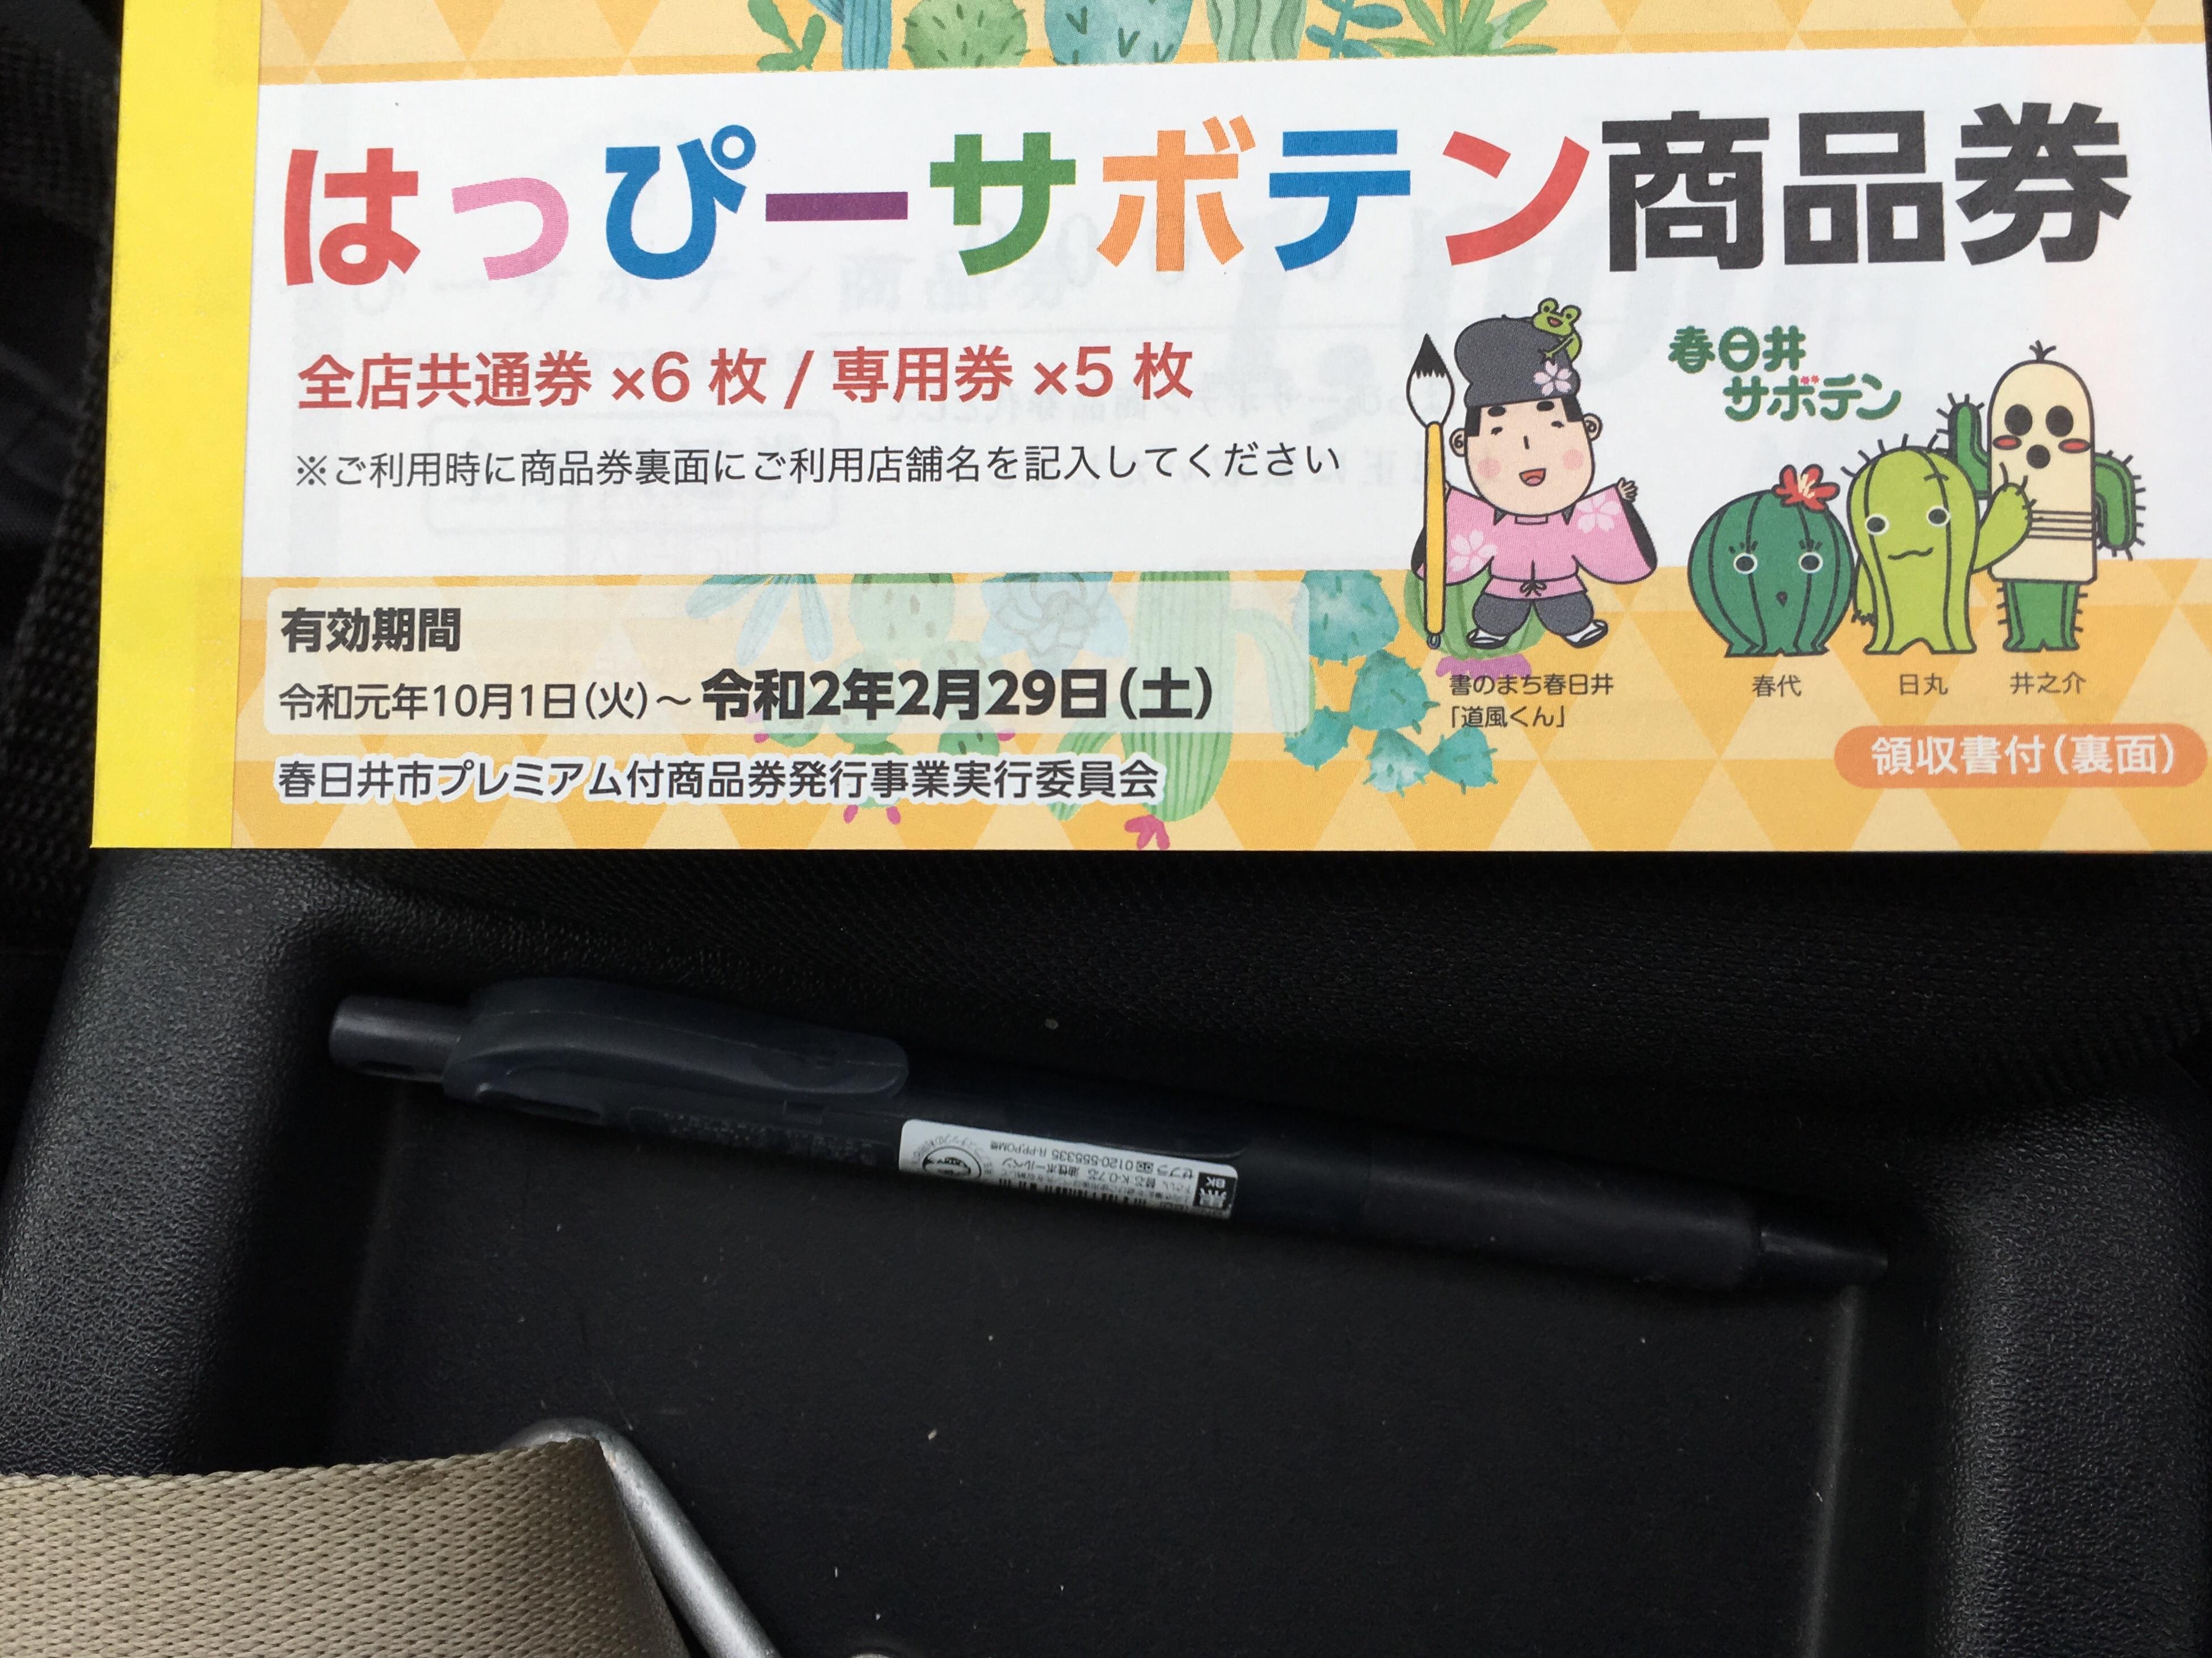 春日井 市 プレミアム 商品 券